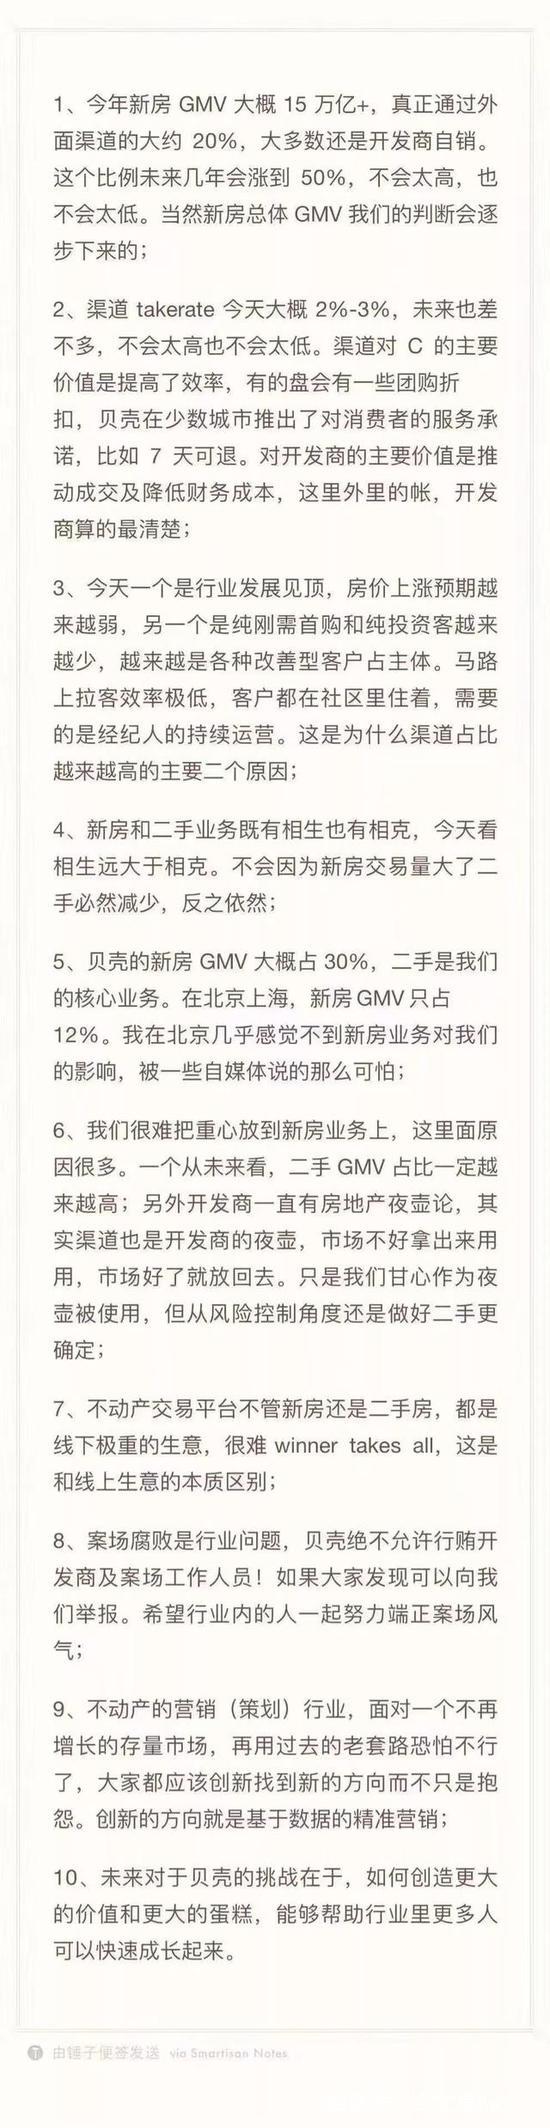 联想第二财季数据中心营收93亿元中国业务增长19%